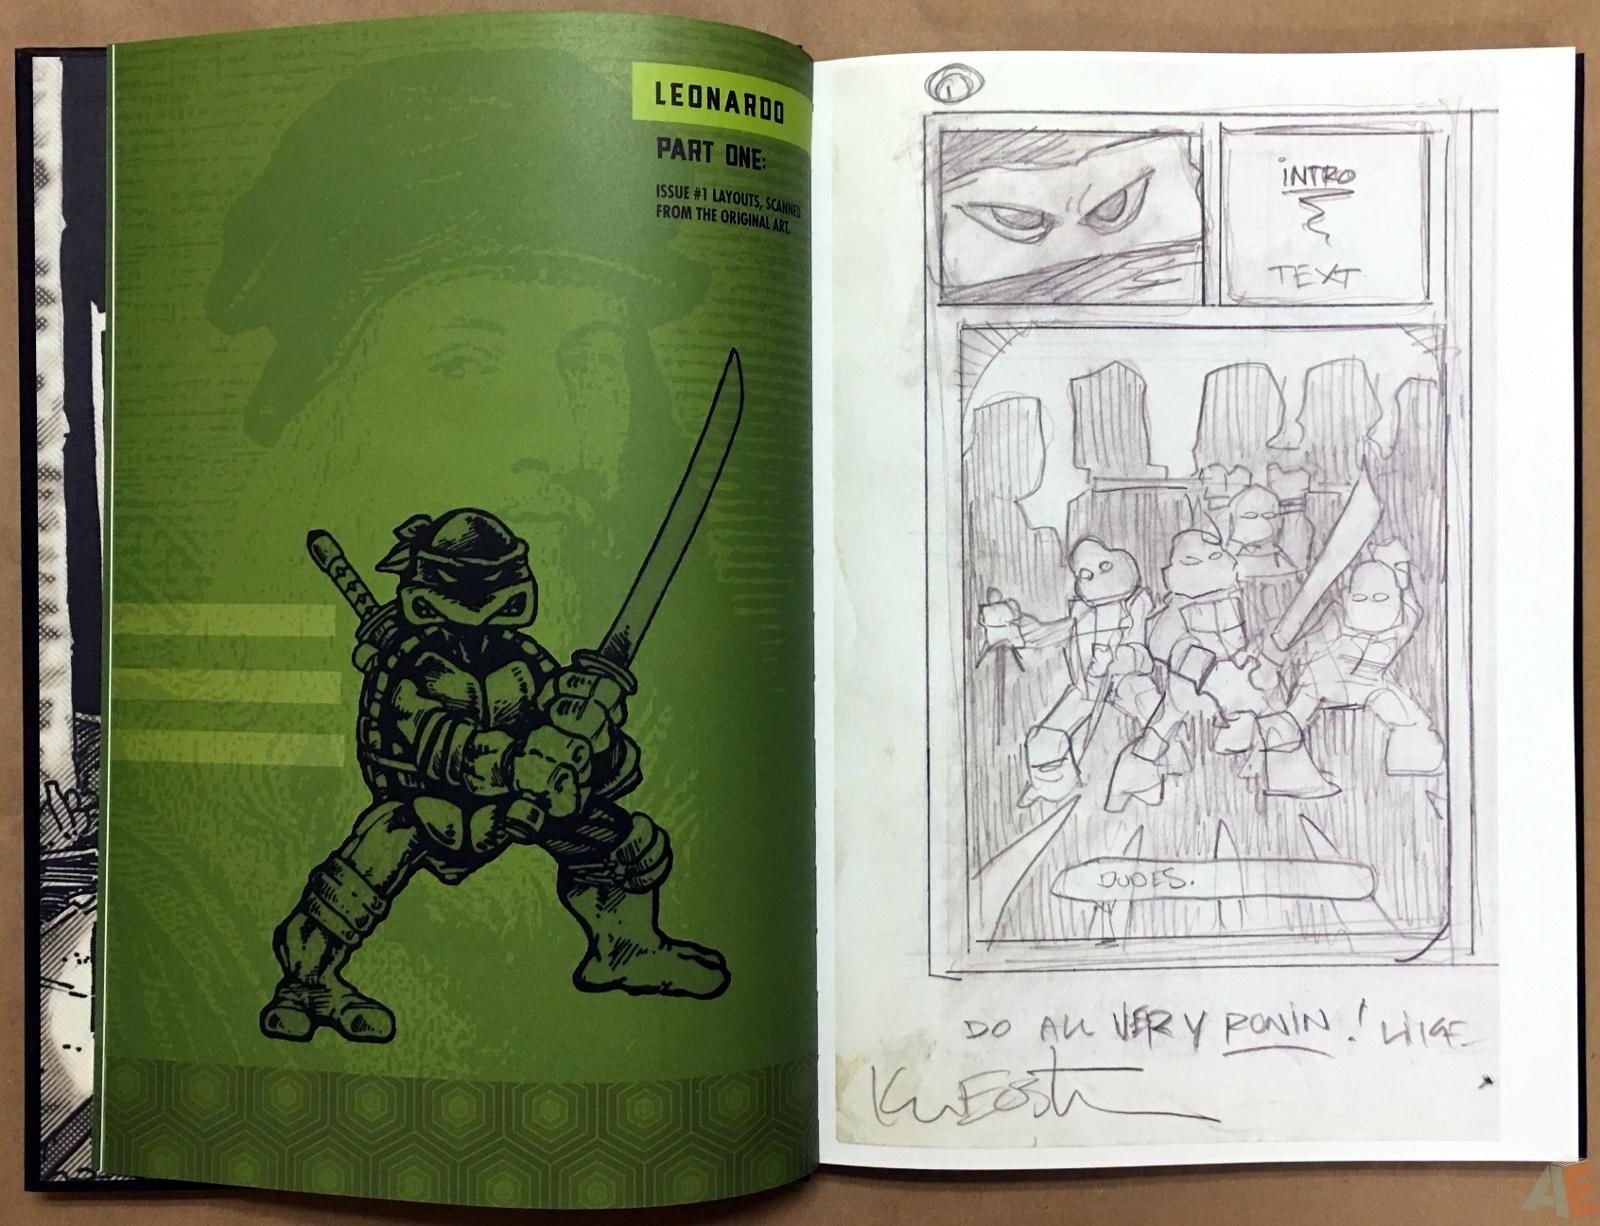 Teenage Mutant Ninja Turtles Artisan Edition 10